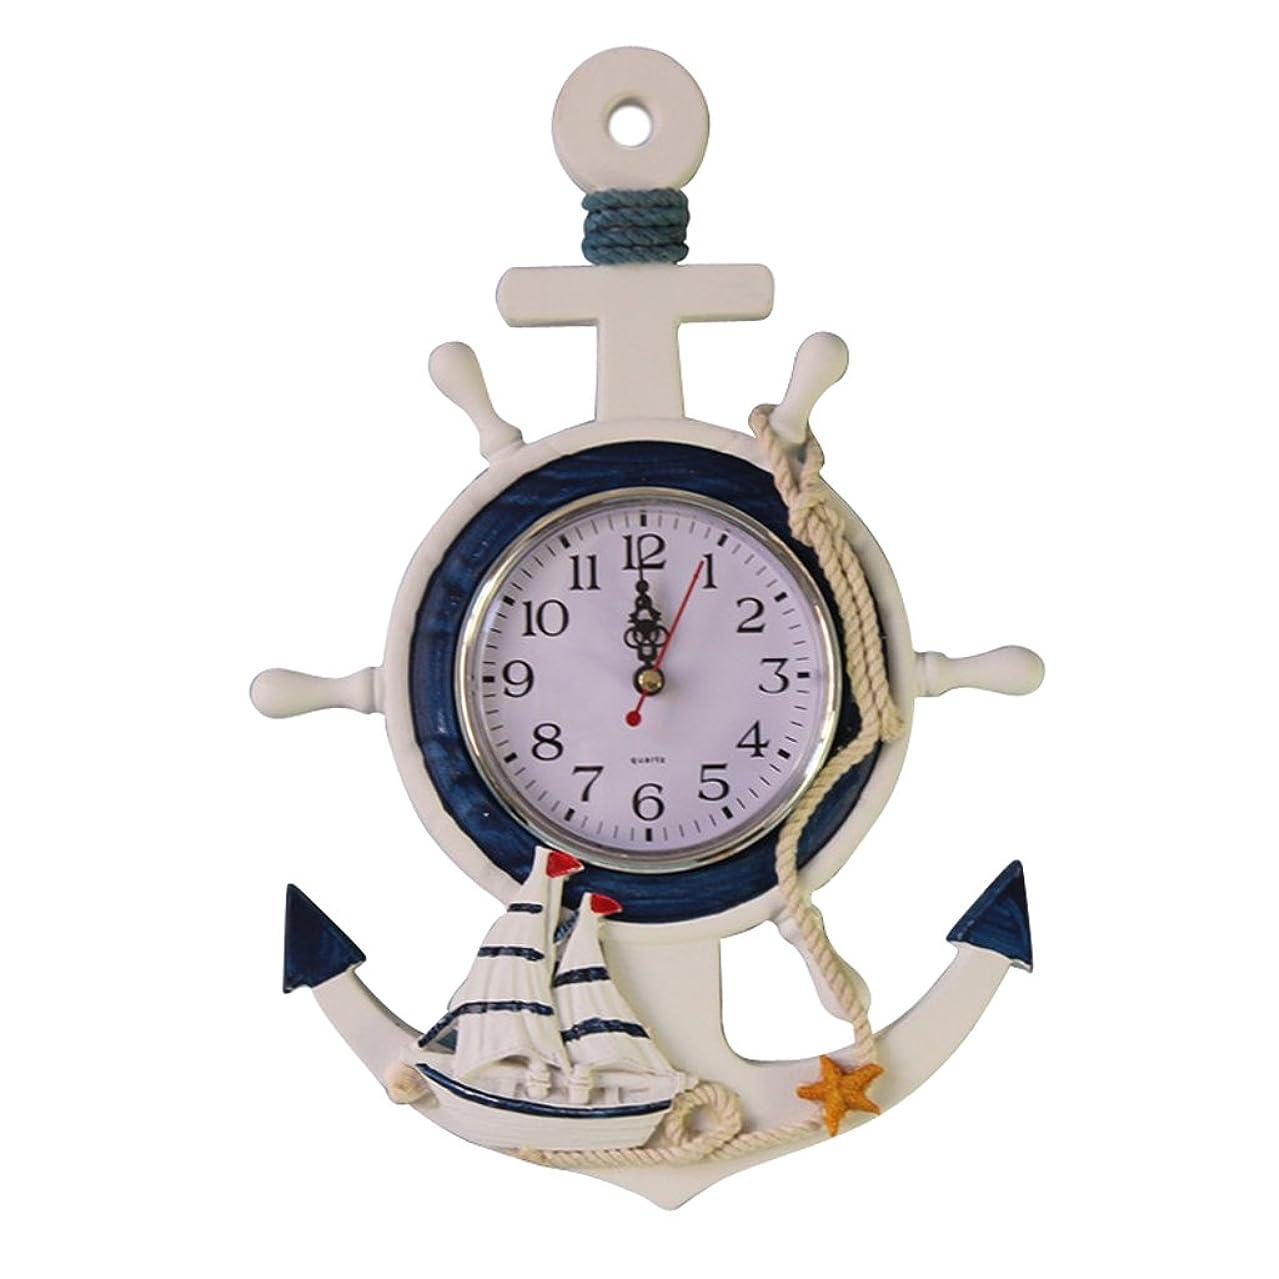 相談する説得支出壁掛け 時計 置きクロック 海洋スタイル 時計 ファッション時計 置物 全3種選べる - #2